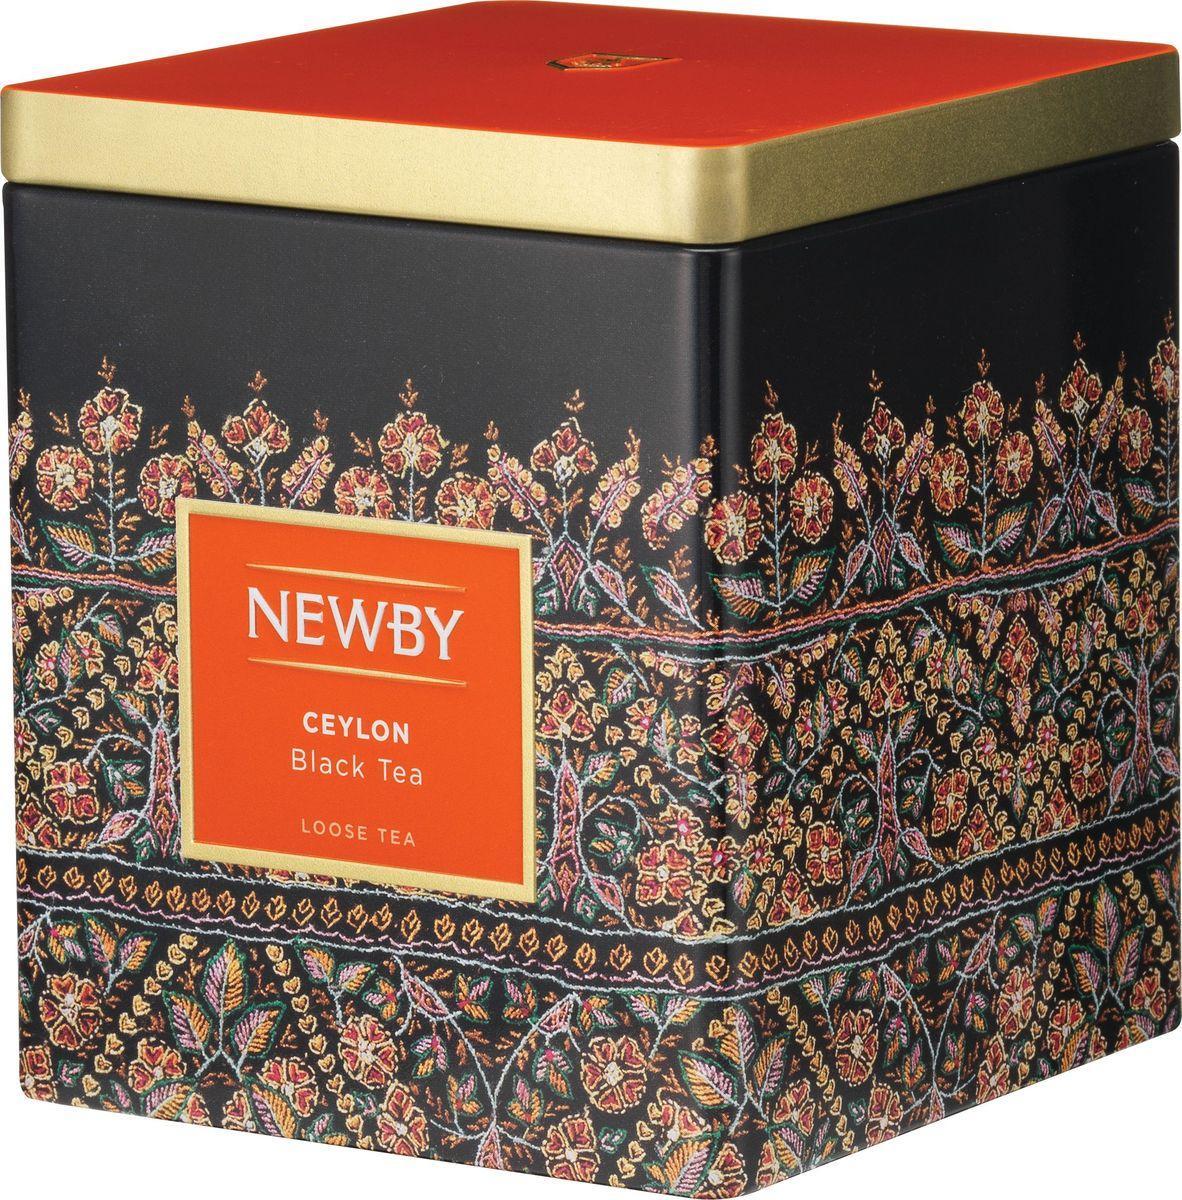 Newby Ceylon черный листовой чай, 125 г130030АЧай с высокогорных плантаций «Острова пряностей» Шри-Ланки. Яркая чашка чая с живым пряным послевкусием.Всё о чае: сорта, факты, советы по выбору и употреблению. Статья OZON Гид